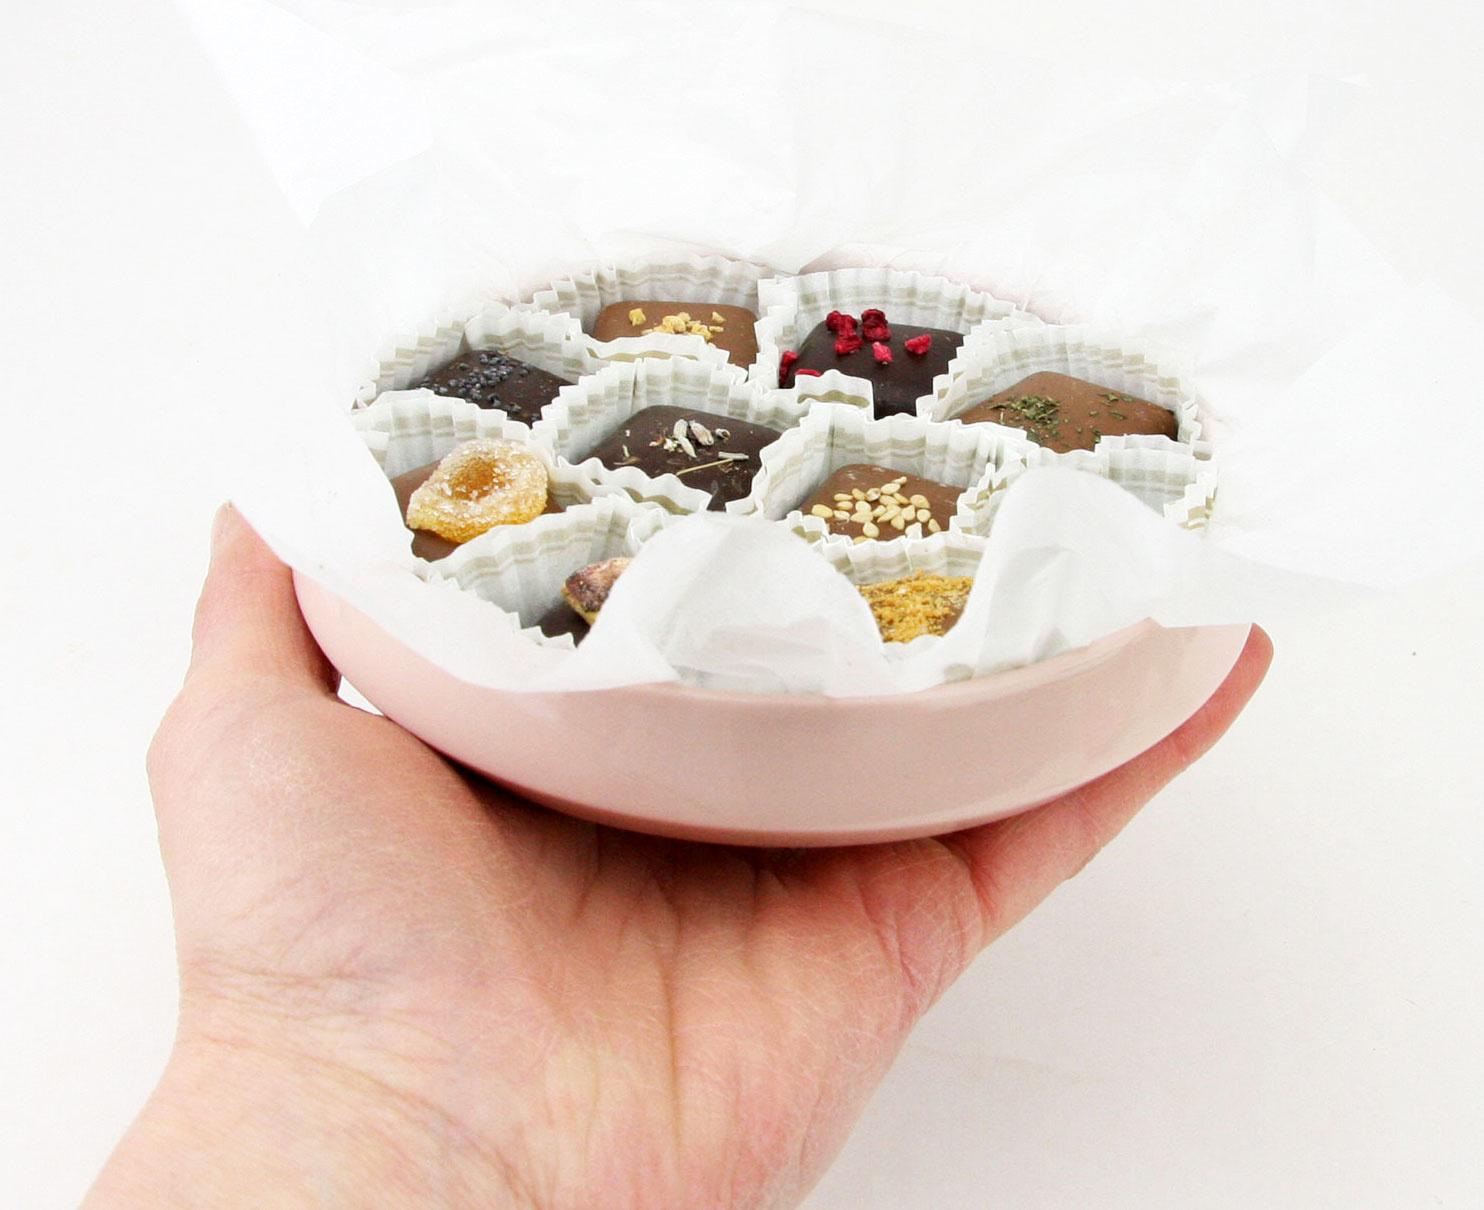 Tina Kath - Handmade Porcelain Handgemaakt  porseleinen schaaltje met pralines